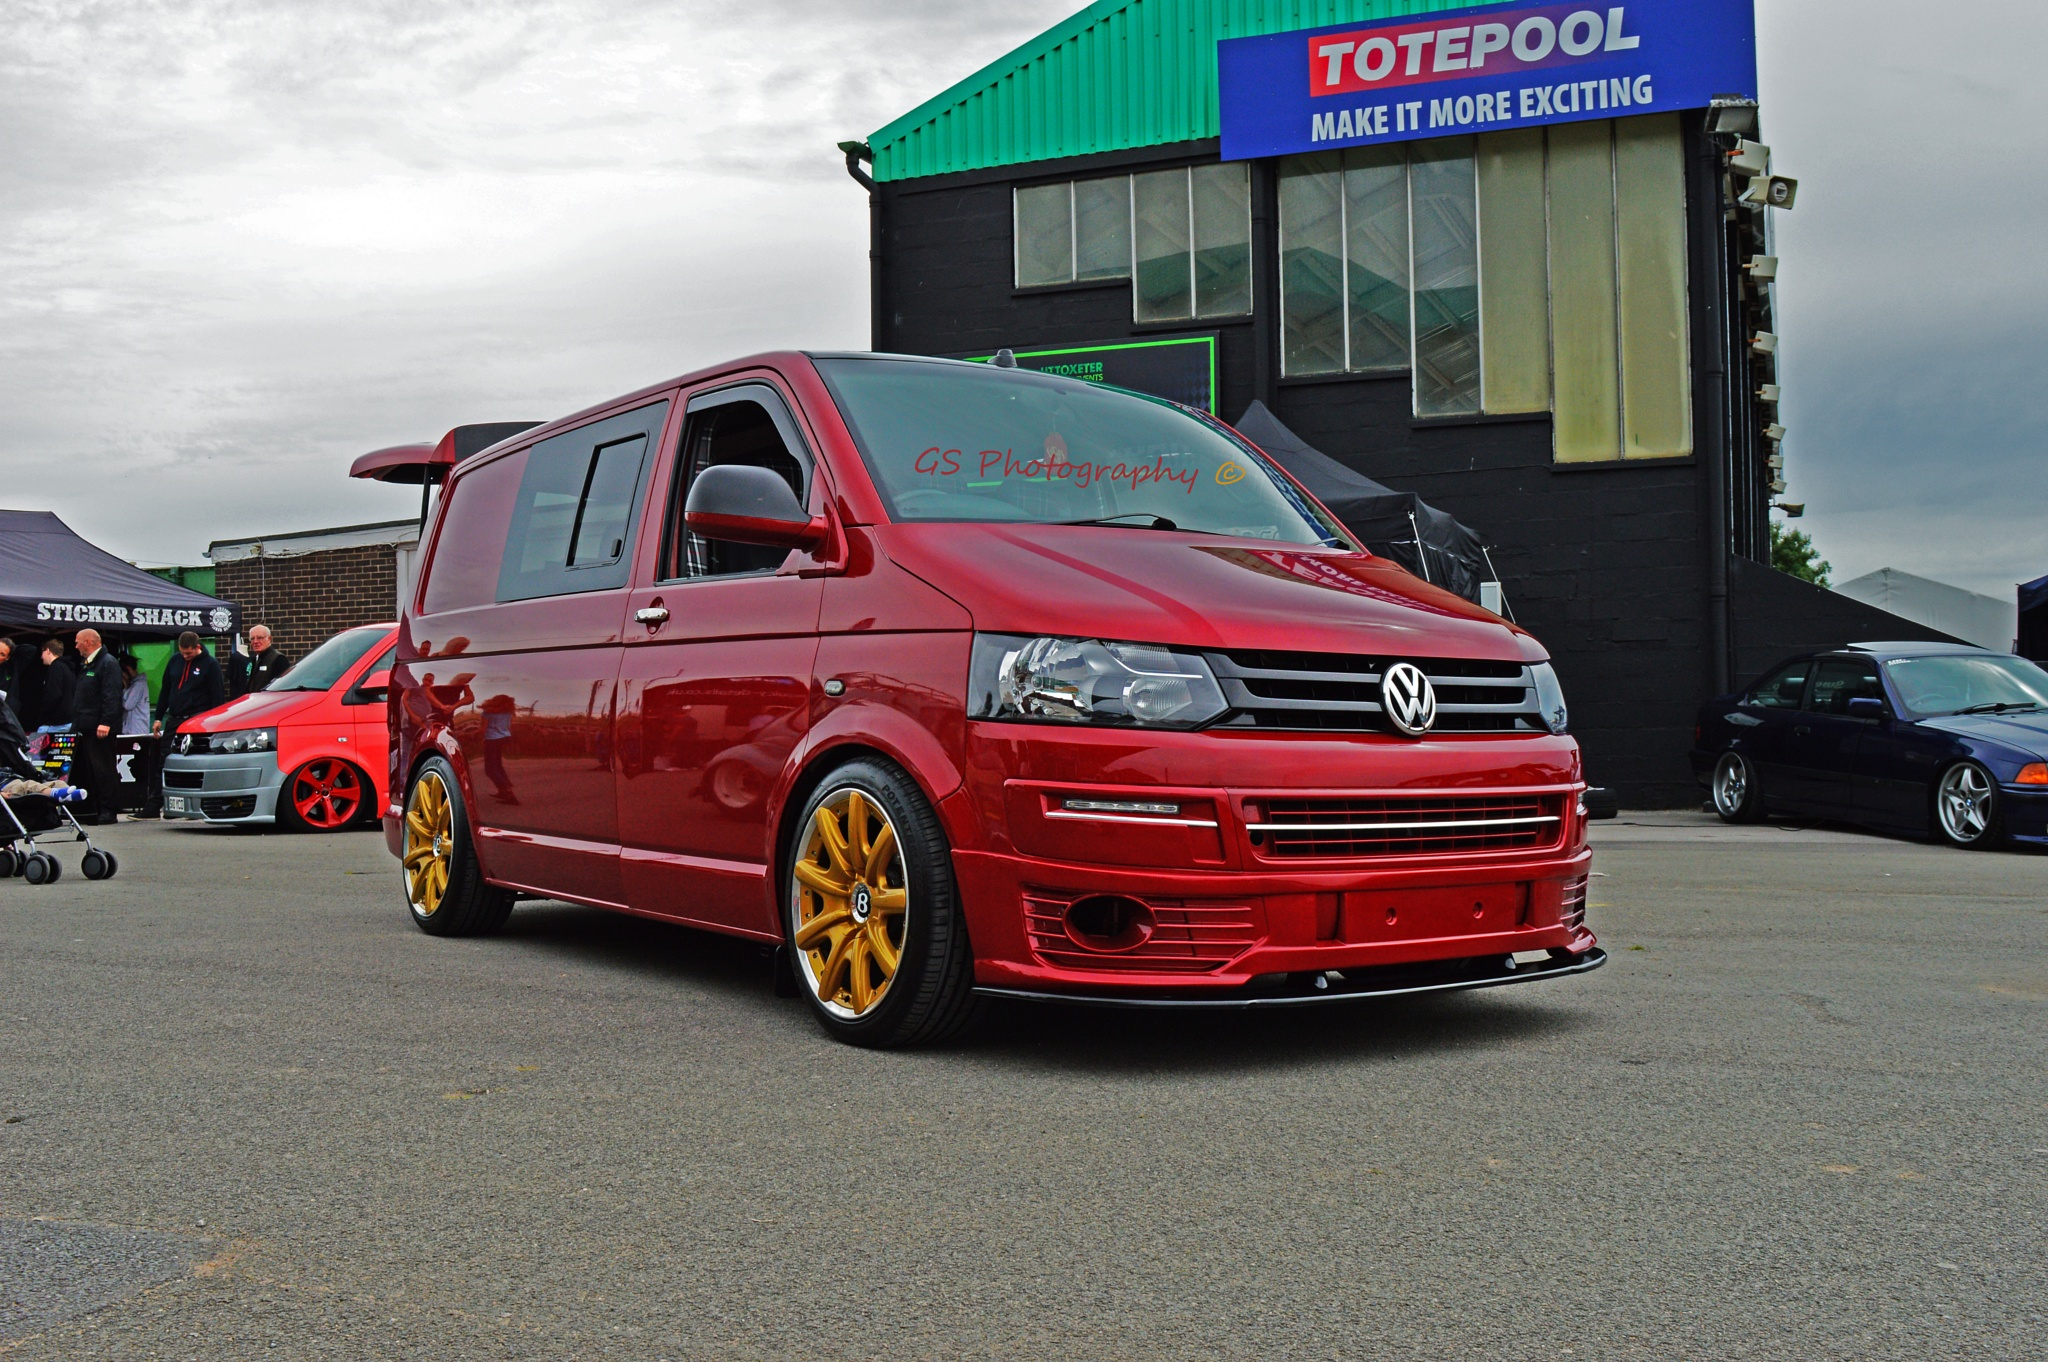 Volkswagen Van by GeorgeSmith Photography